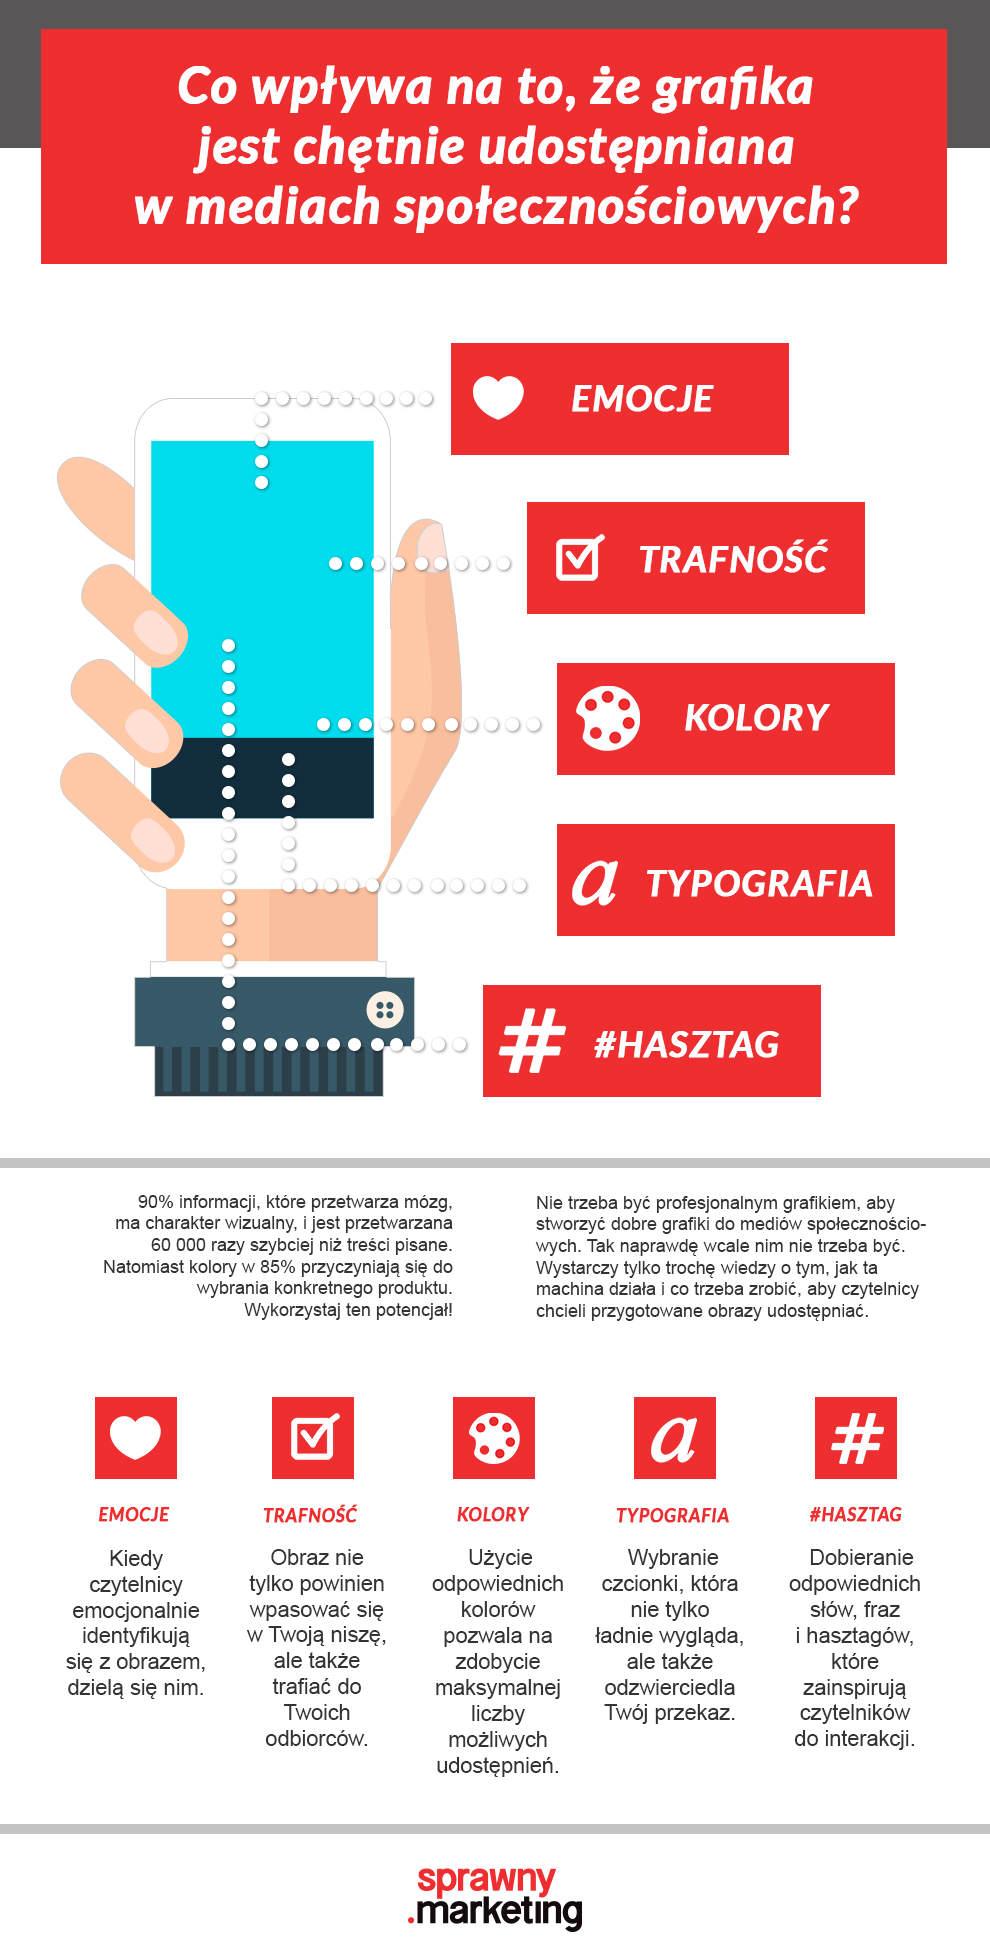 Infografika Czcionki, kolory i szablony w najczęściej udostępnianych grafikach